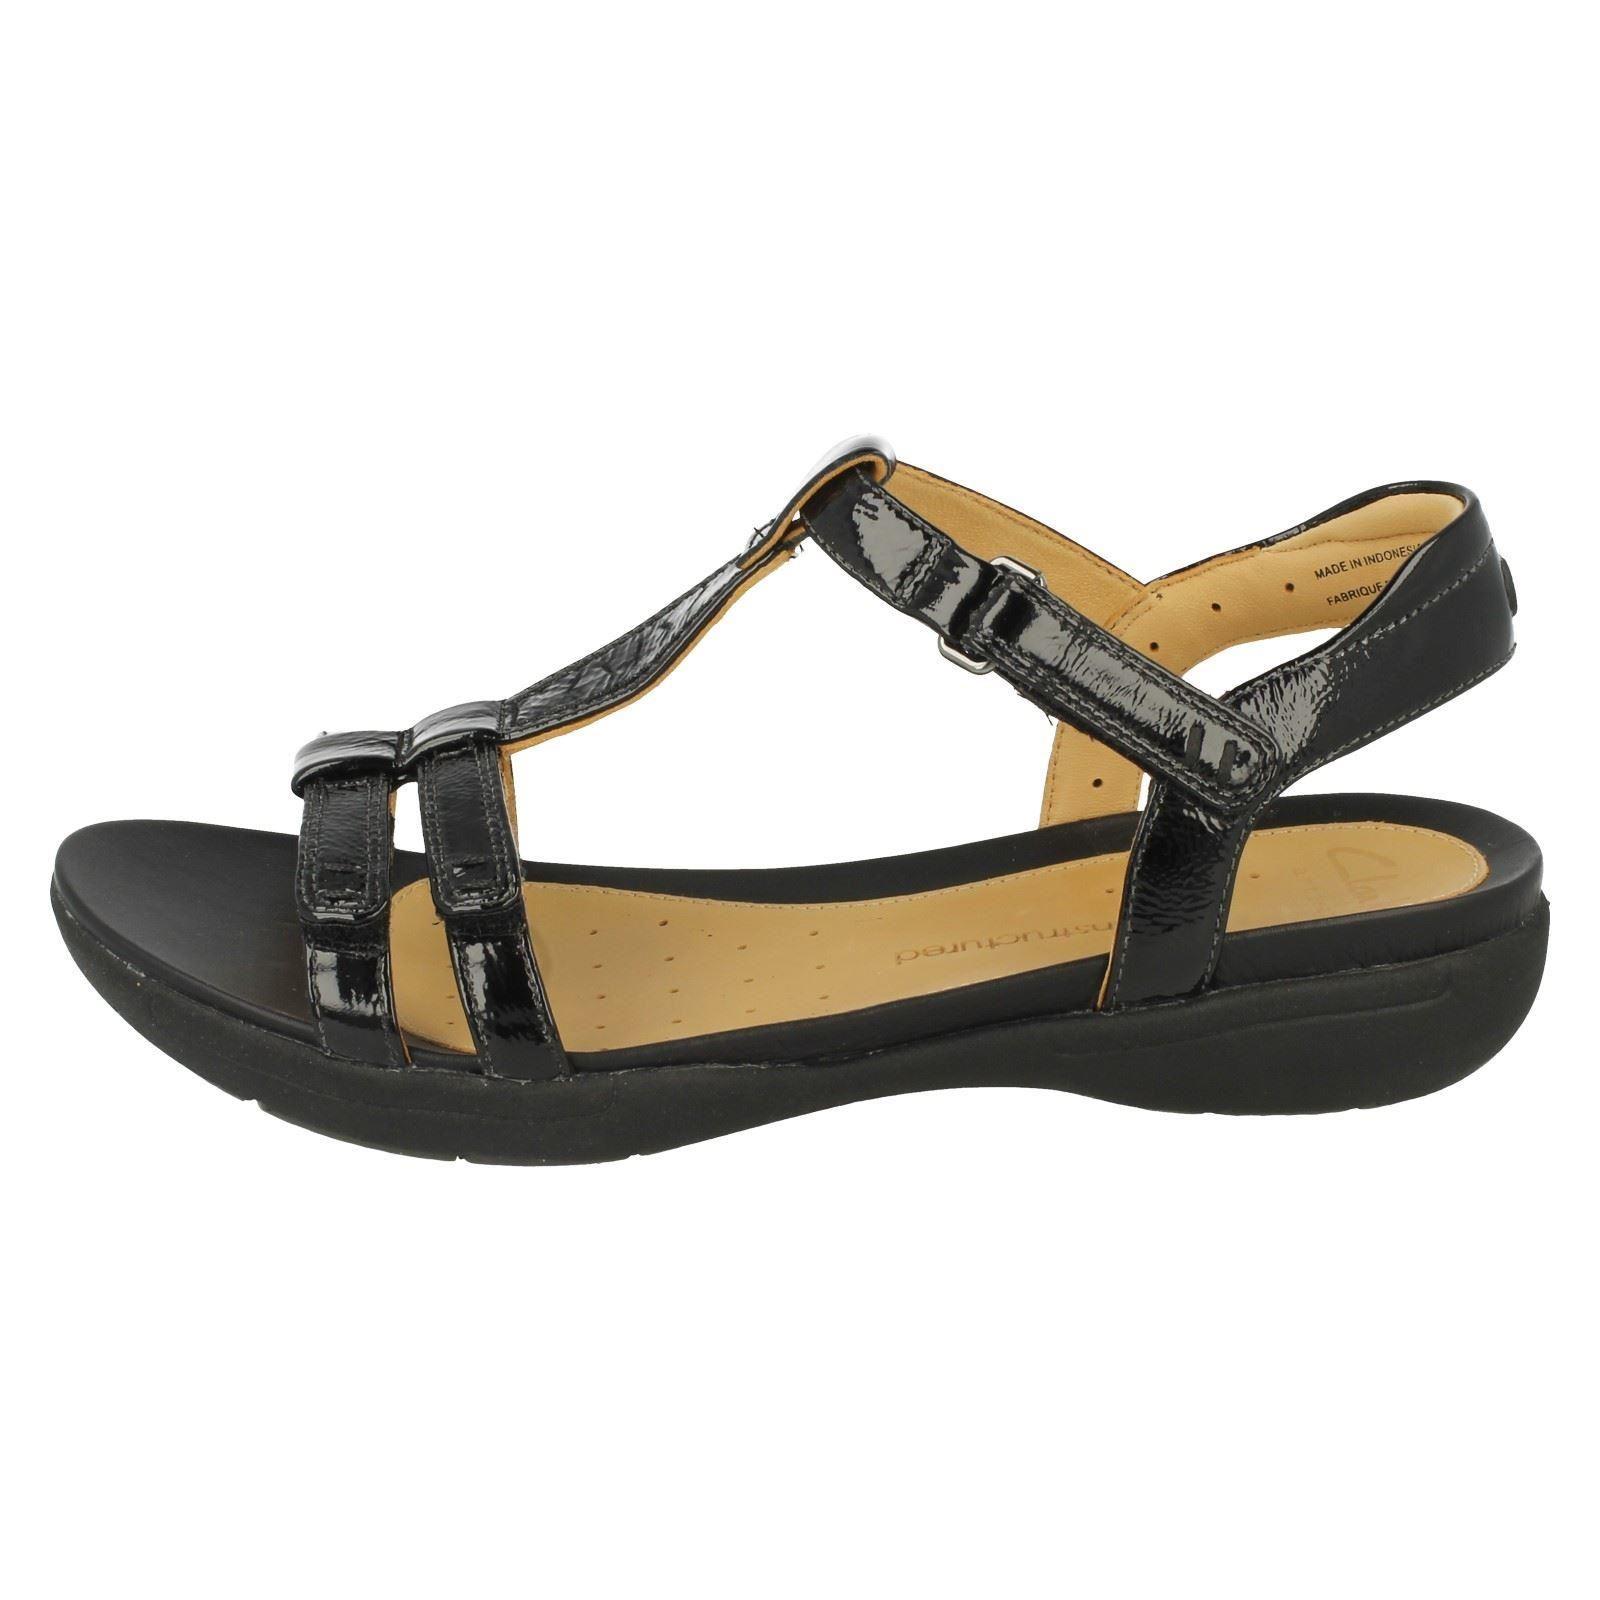 f476315594d Ladies-Clarks-Unstructured-Sandals-039-Un-Vaze-039 thumbnail